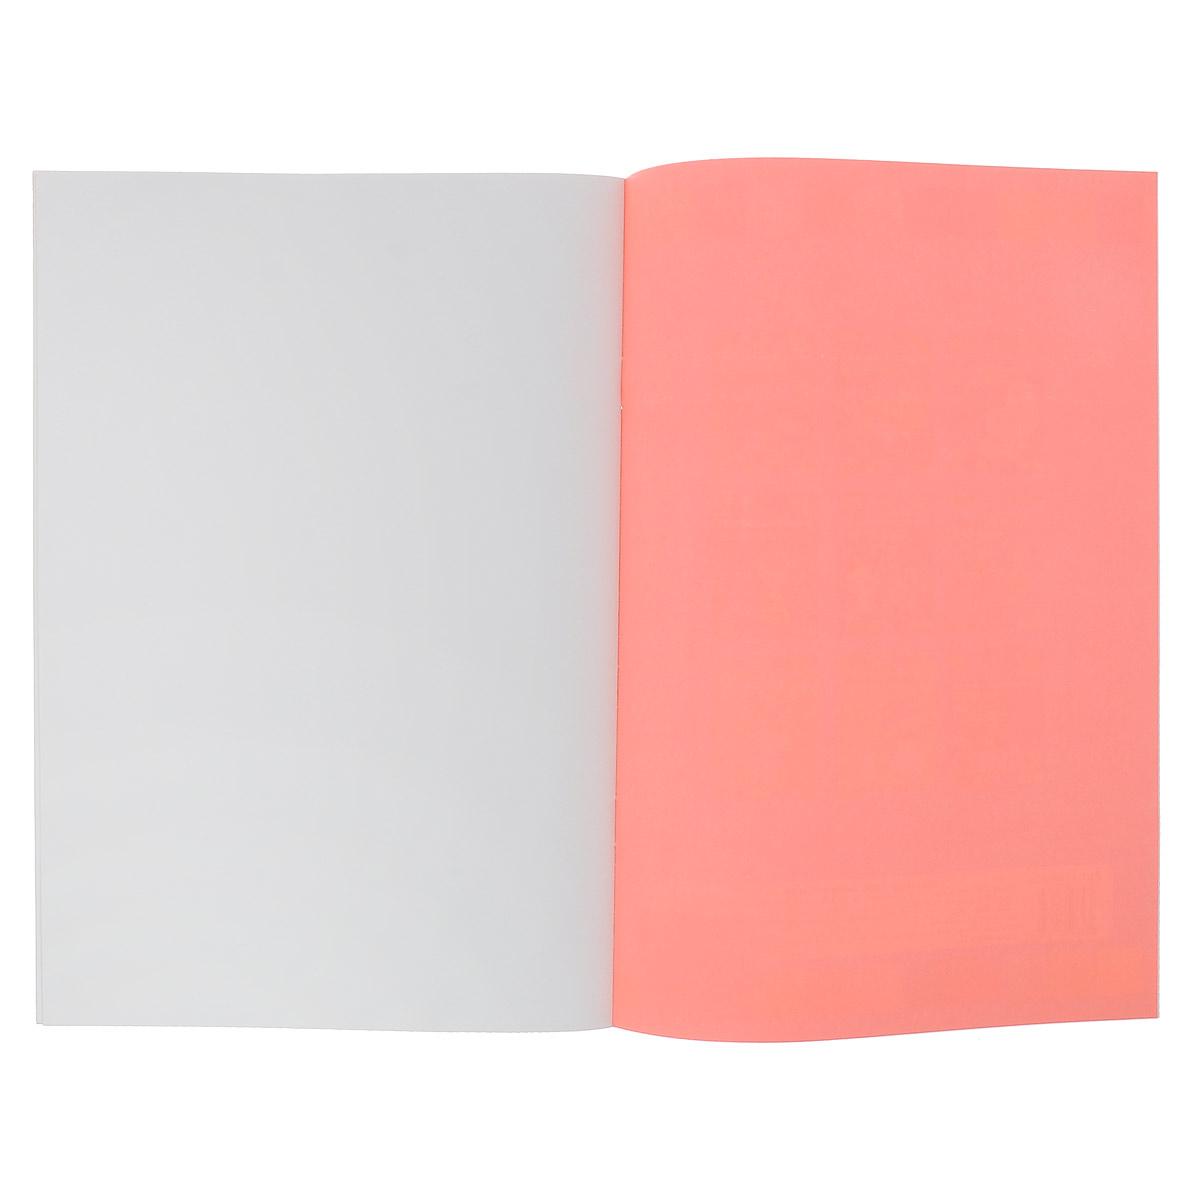 Набор цветной бумаги Бриз идеально подойдет для творческих занятий в детском саду, школе и дома.  В комплект входят восемь листов флюоресцентной бумаги желтого, фиолетового, малинового, розового, оранжевого, салатового, серебряного и золотого цветов. Бумага поставляется в виде альбома.  Из флюоресцентной бумаги Бриз можно изготовить красочные поделки, светящиеся флюоресцентными цветами. Бумага принимает любую форму, поэтому увлеченный творчеством ребенок с легкостью реализует свои фантазии.